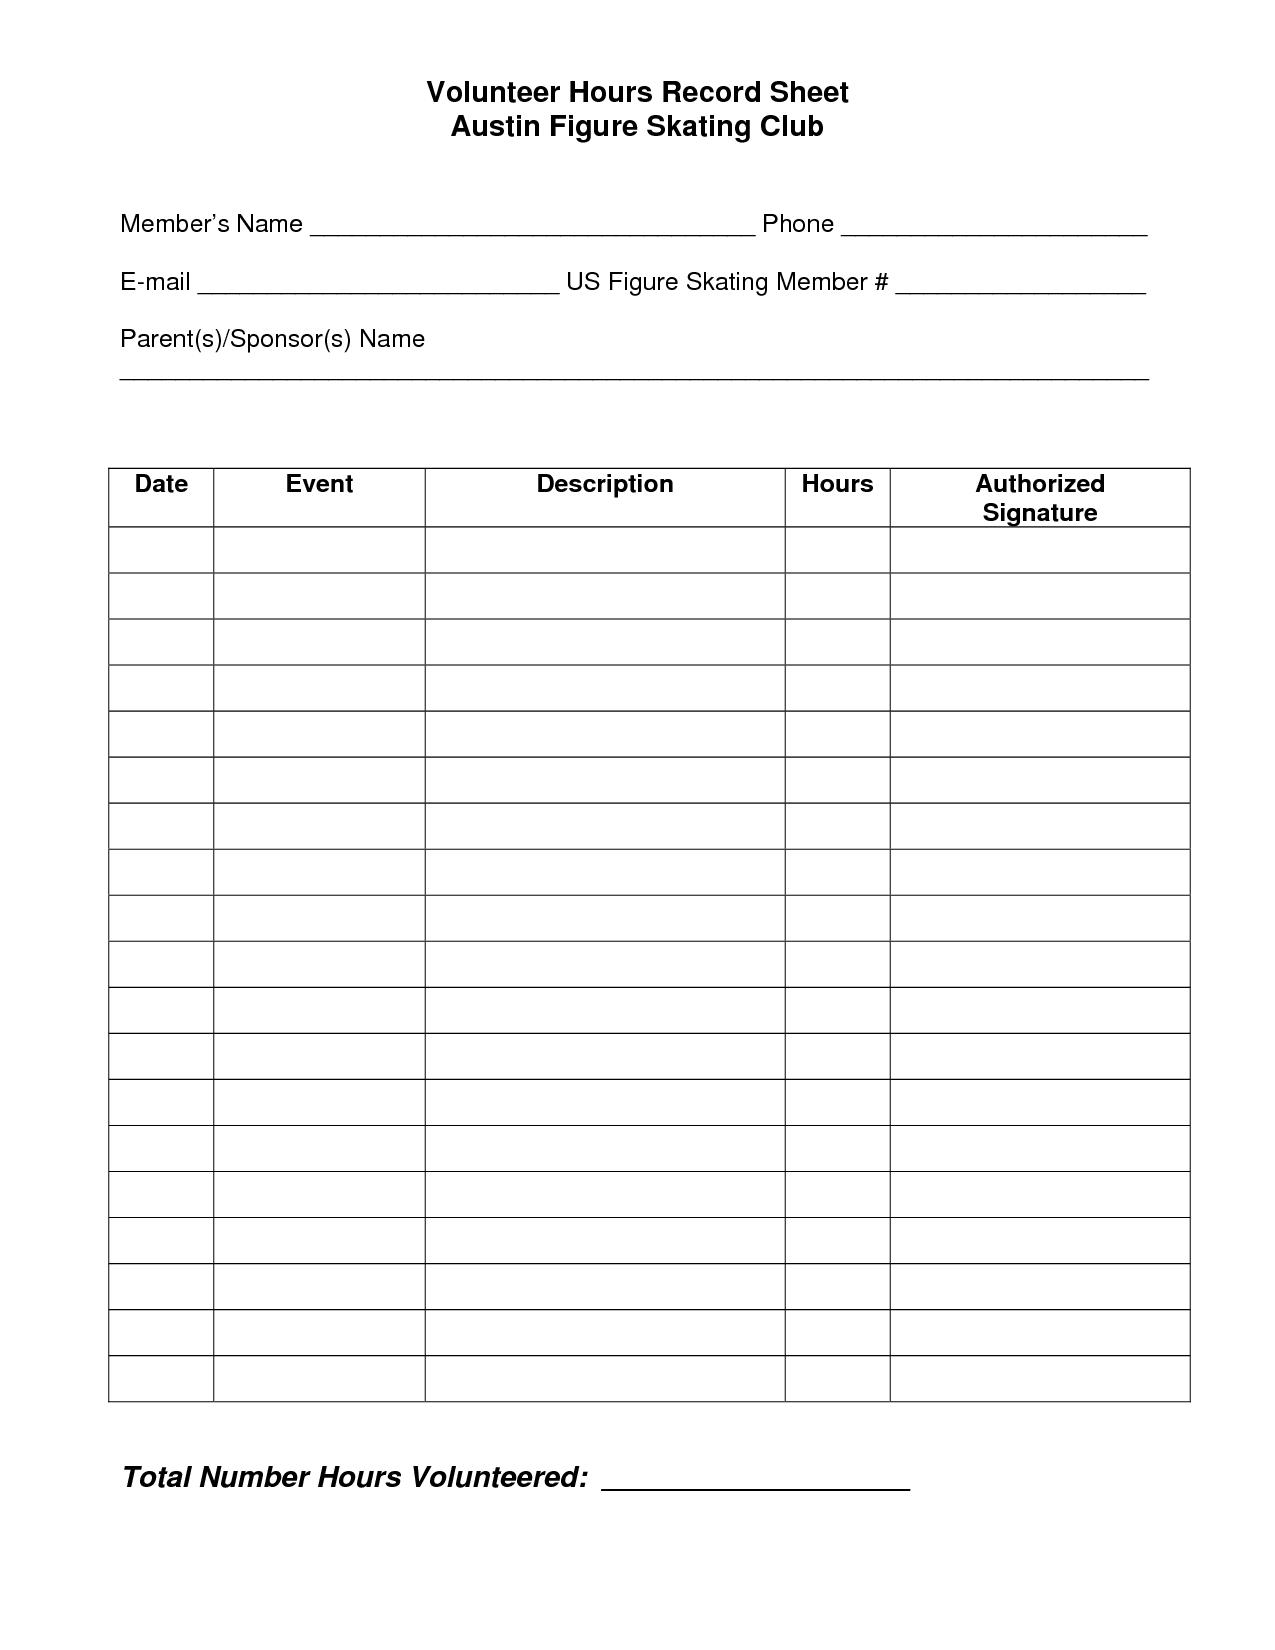 Volunteer Hours Log Sheet Template | Beta Club | Essay Writing Tips - Free Printable Volunteer Forms